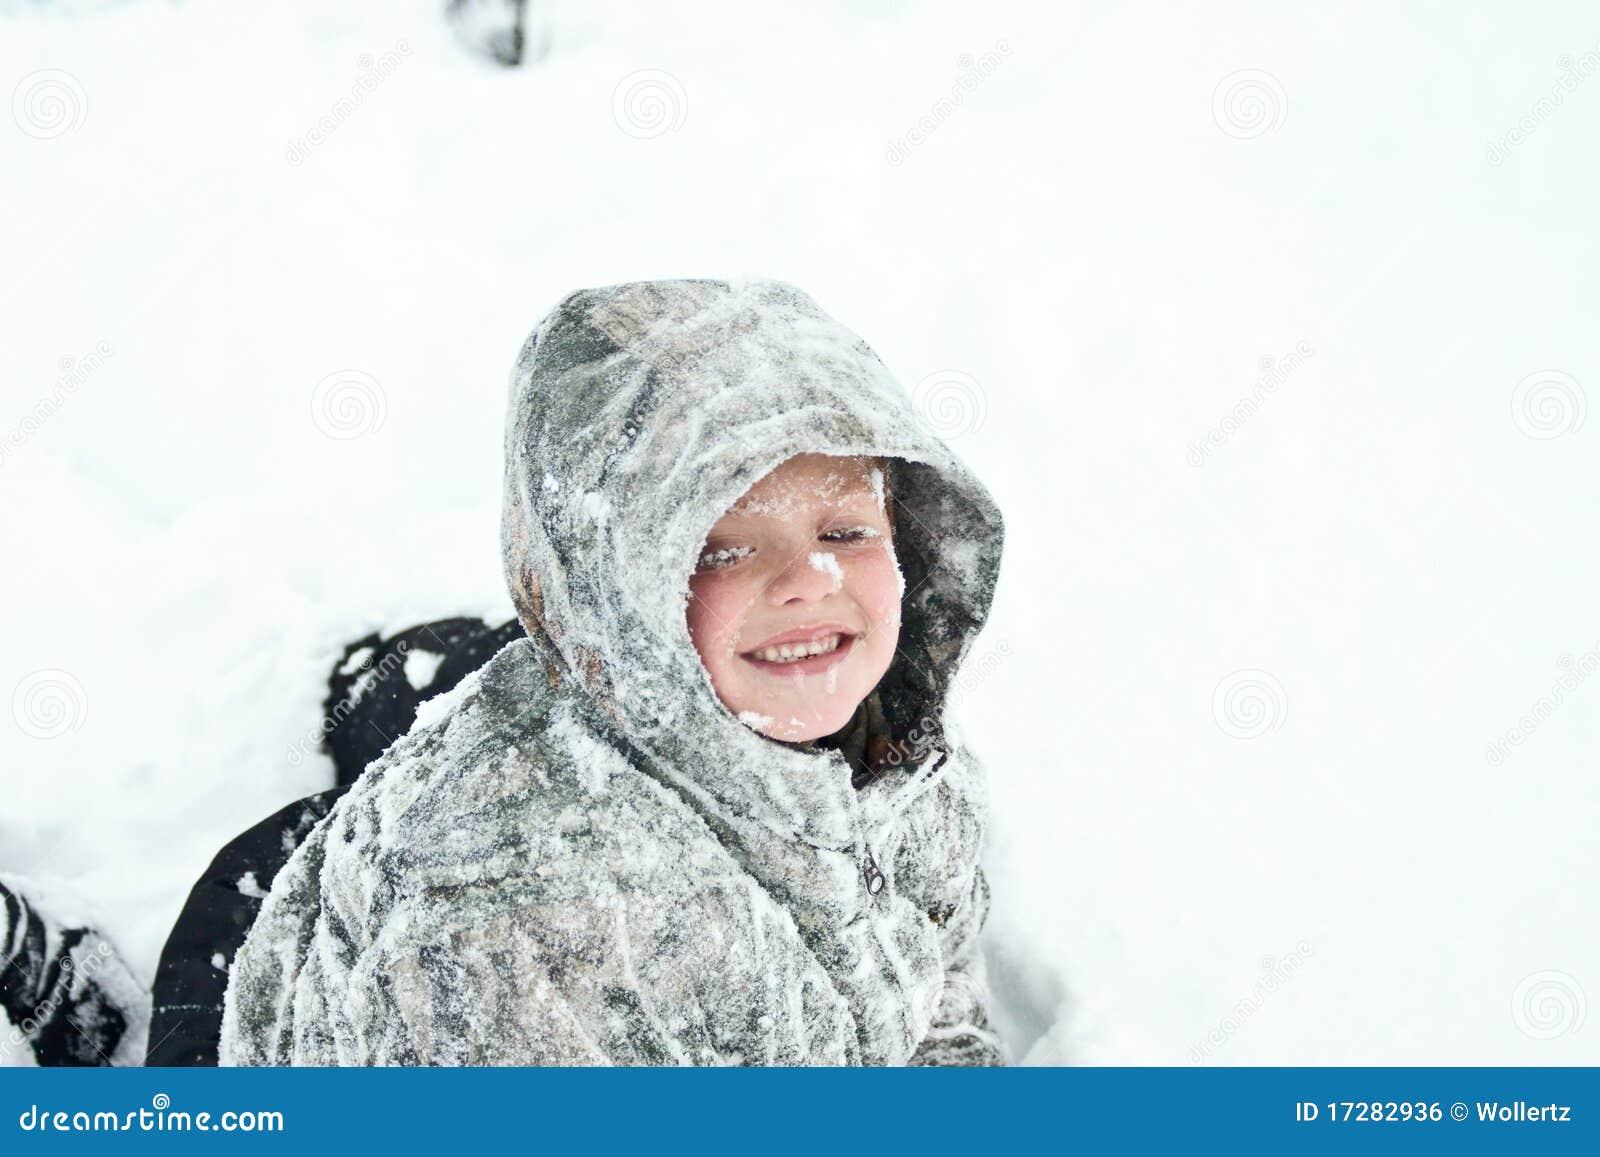 Bambino congelato immagine stock libera da diritti for Konzentrationsschw che kind